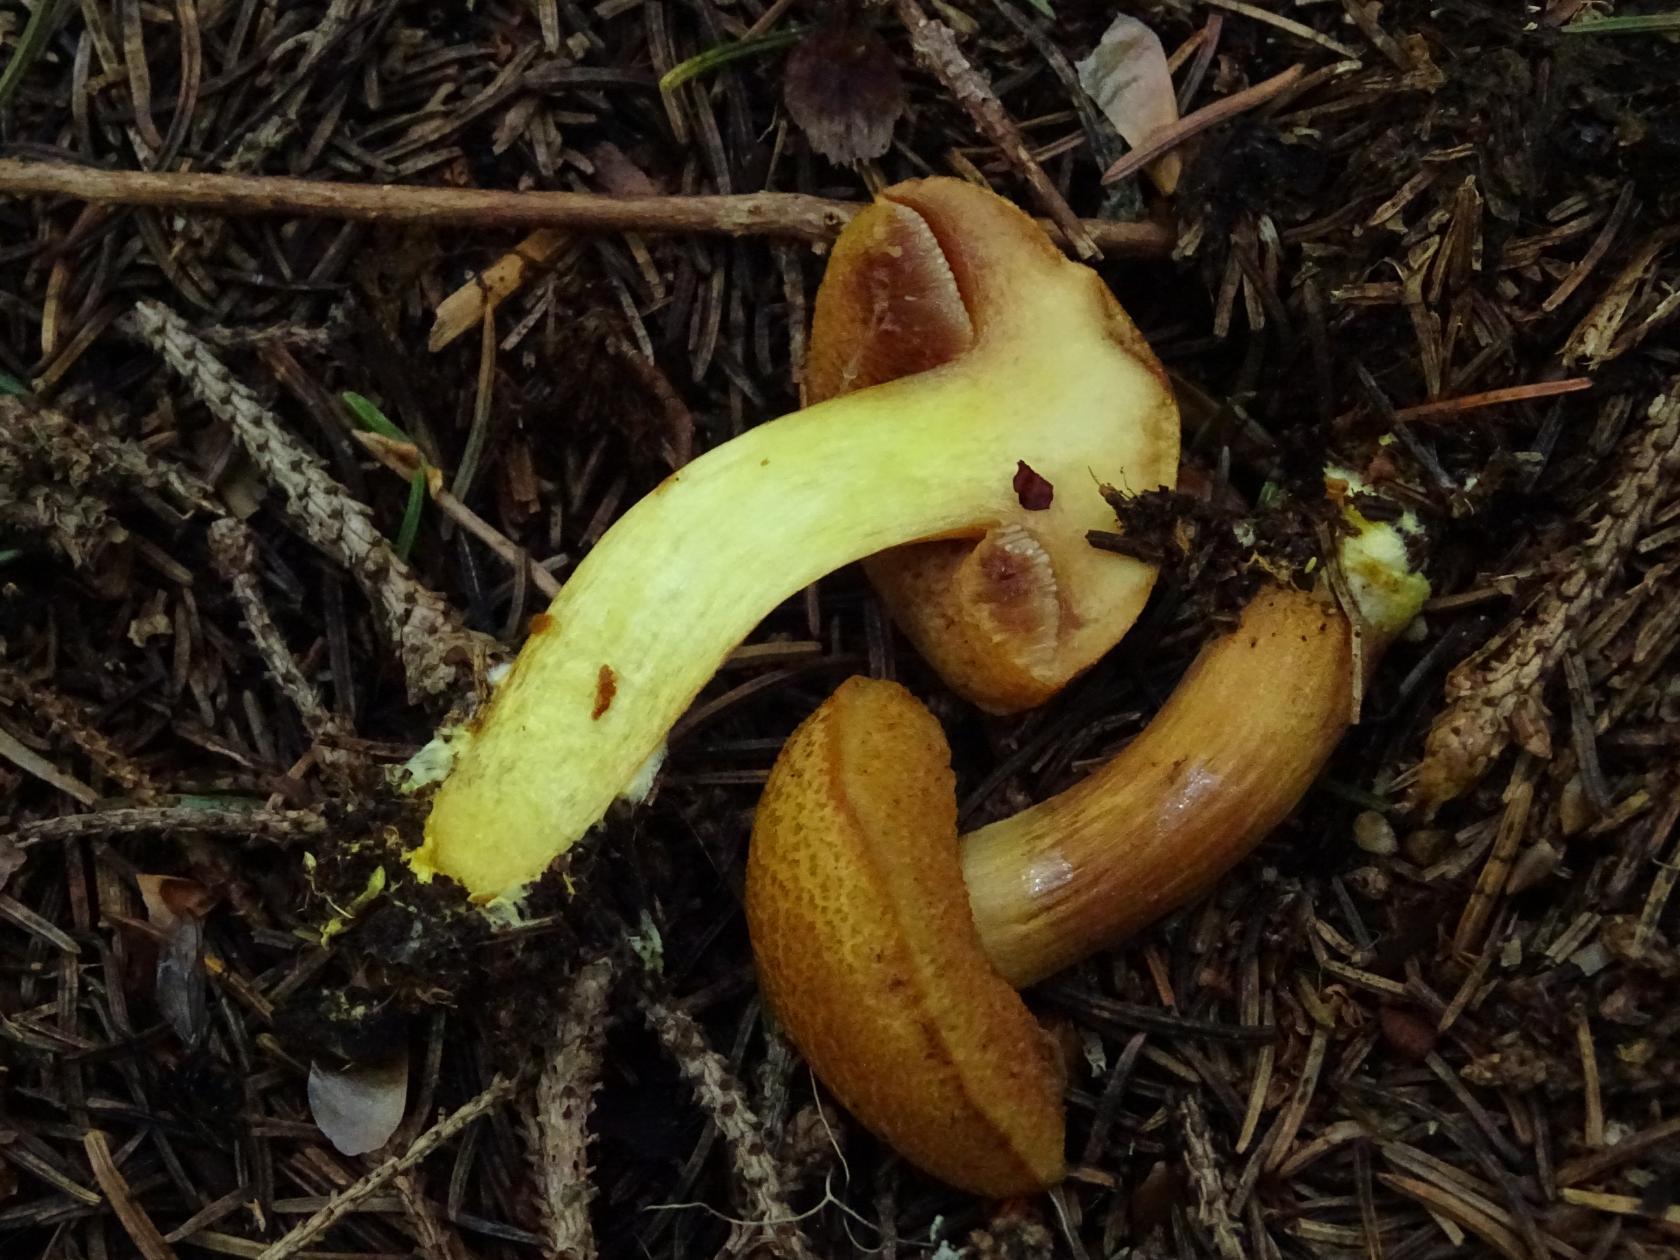 Syn.: Suillus piperatus. Витоша, ельник, 31 июля. Автор фото: Кирилова Любовь